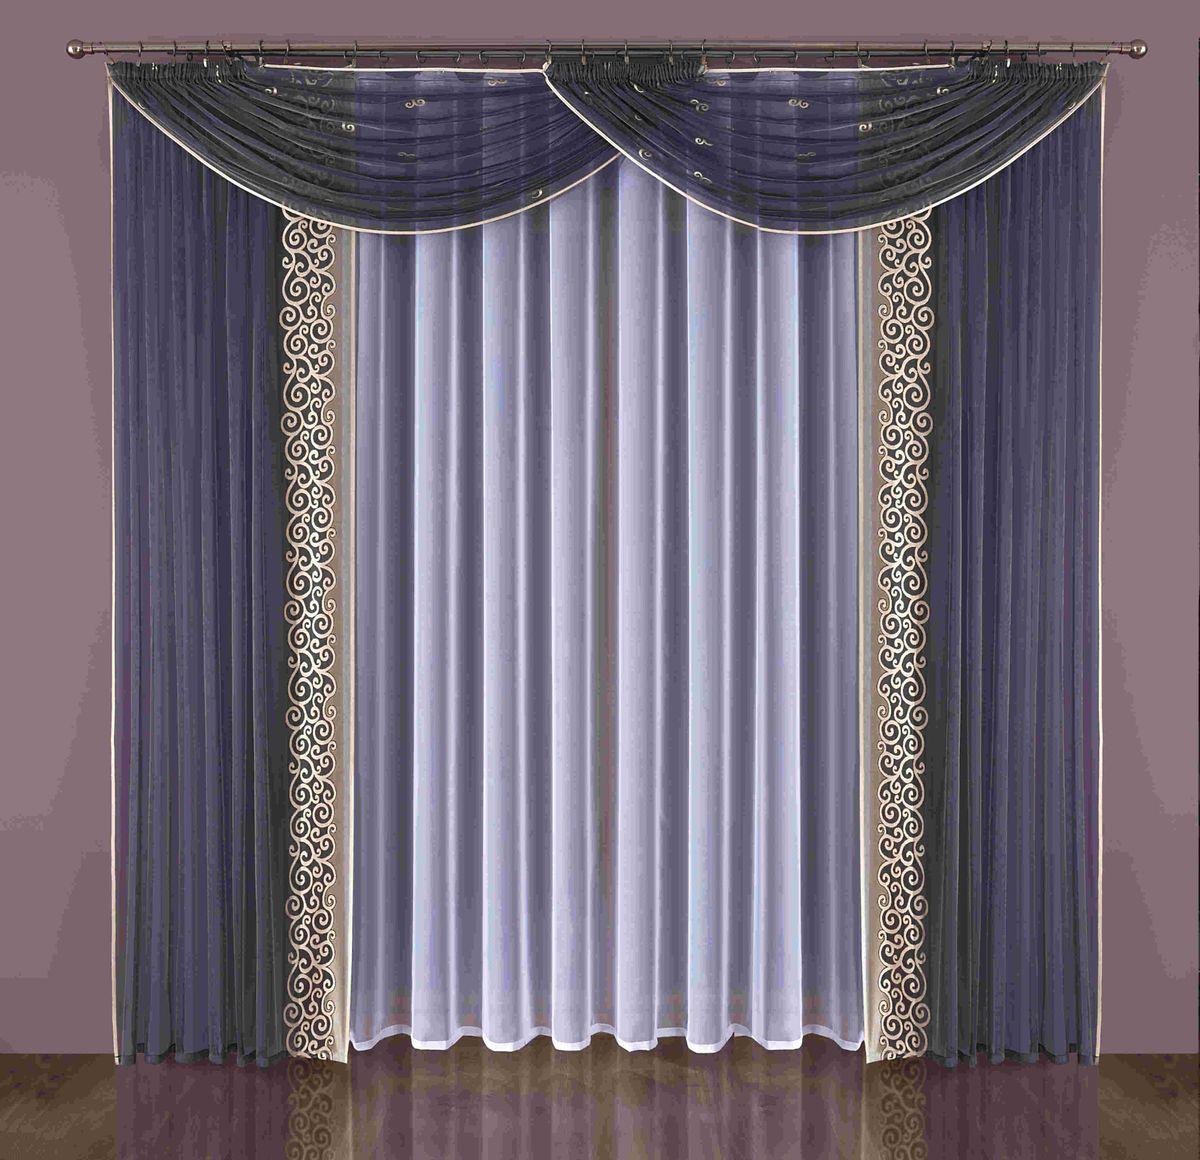 Комплект штор Wisan Brenda, на ленте, цвет: синий, белый, высота 240 смBH-UN0502( R)Комплект штор Wisan Brenda выполненный из полиэстера, великолепно украсит любое окно. Комплект состоит из 2 штор, тюля и 2 ламбрекенов. Тюль выполнен из органзы, шторы изготовлены из полиэстера тонкого жаккардового плетения. Оригинальный дизайн и контрастная цветовая гамма привлекут к себе внимание и органично впишутся в интерьер комнаты. Все предметы комплекта оснащены шторной лентой для красивой драпировки. В комплект входит: Штора - 2 шт. Размер (ШхВ): 150 см х 240 см. Тюль - 1 шт. Размер (ШхВ): 400 см х 240 см. Ламбрекен - 2 шт. Размер (ШхВ): 180 см х 140 см. Фирма Wisan на польском рынке существует уже более пятидесяти лет и является одной из лучших польских фабрик по производству штор и тканей. Ассортимент фирмы представлен готовыми комплектами штор для гостиной, детской, кухни, а также текстилем для кухни (скатерти, салфетки, дорожки, кухонные занавески). Модельный ряд отличает оригинальный дизайн, высокое качество. Ассортимент продукции постоянно пополняется.